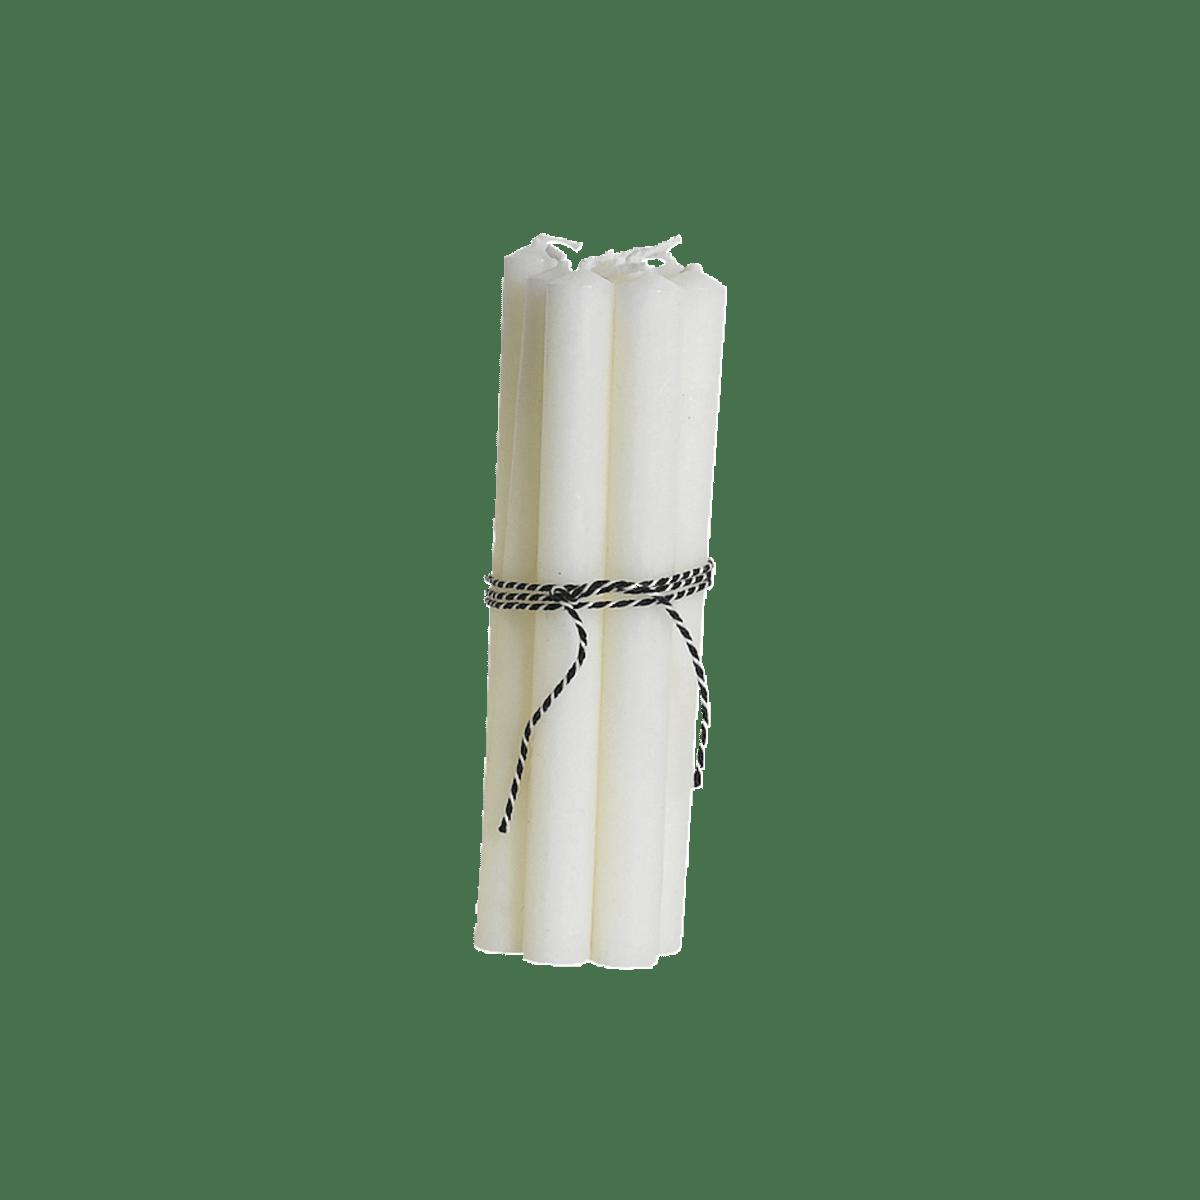 Bílé malé tenké svíčky